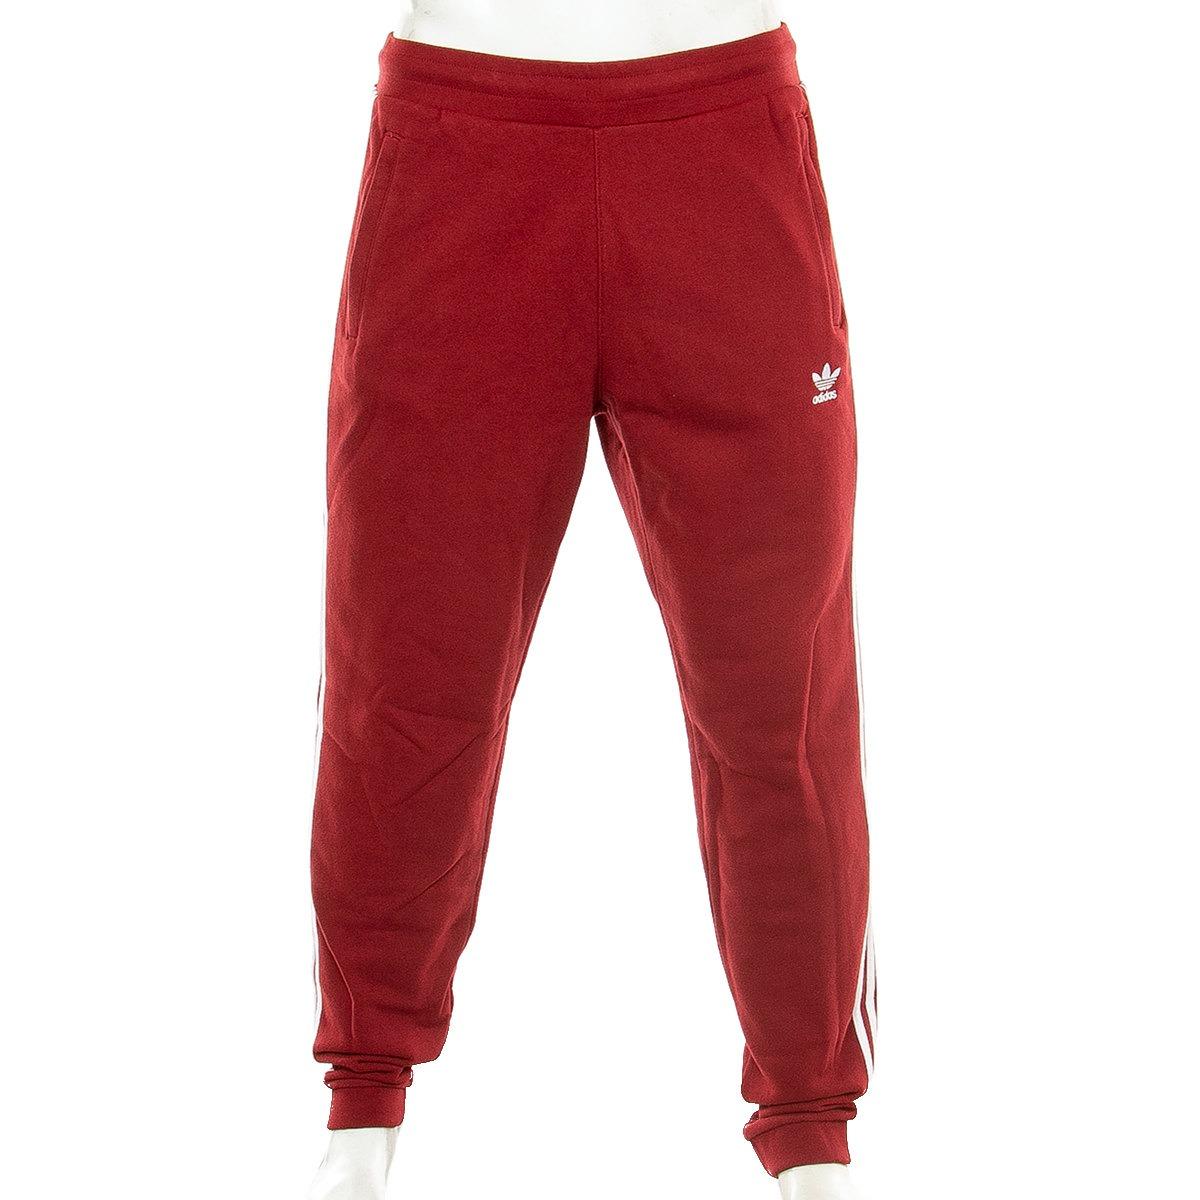 En Tiras Originals 00 3 Pantalón 789 Adidas Oficial Tienda UwPxv78vq